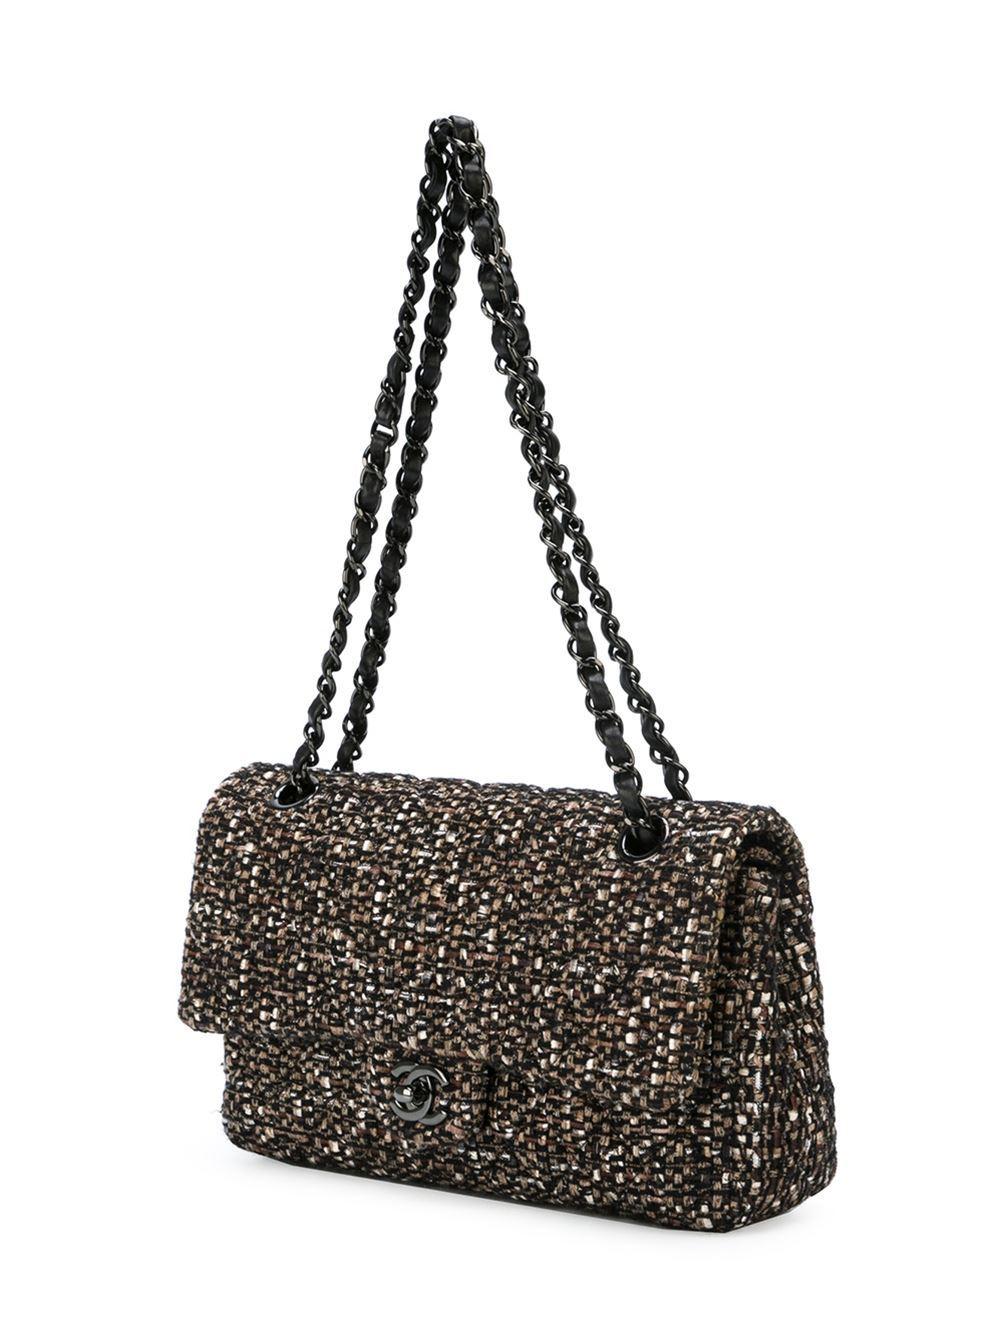 Chanel Tweed Shoulder Bag at 1stdibs